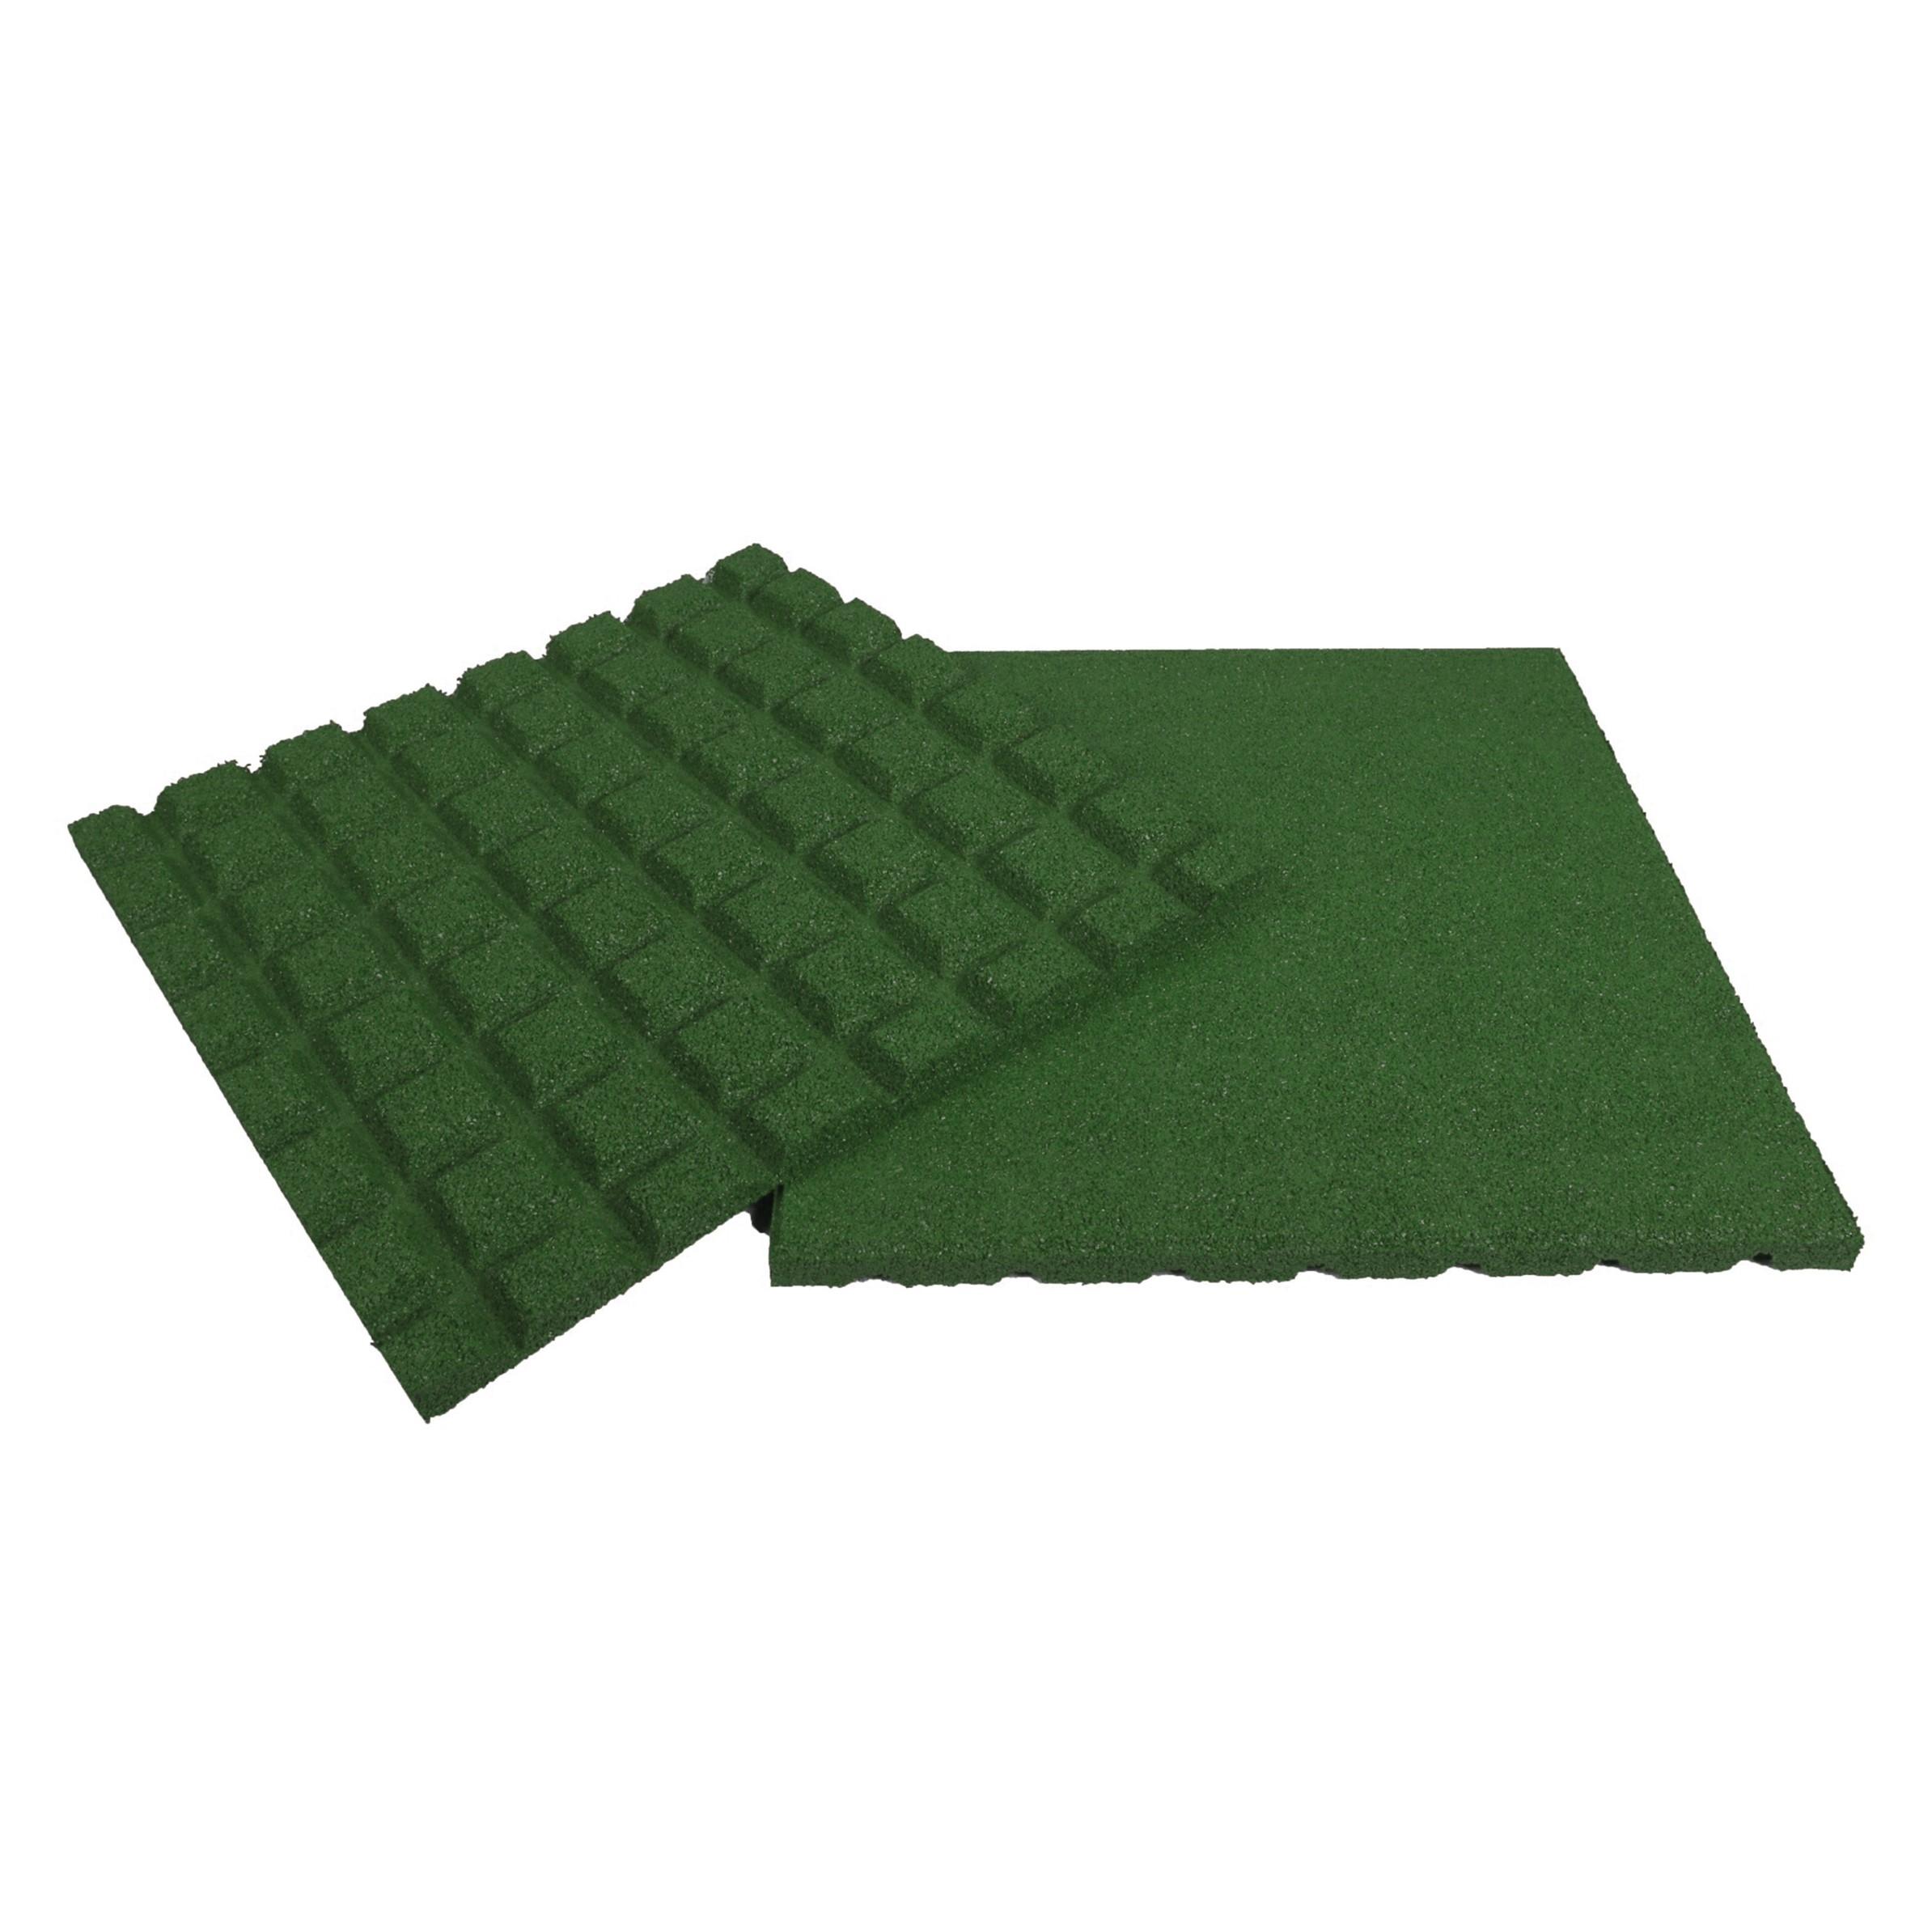 Rubber Tegel 50x50x2.5Cm Groen